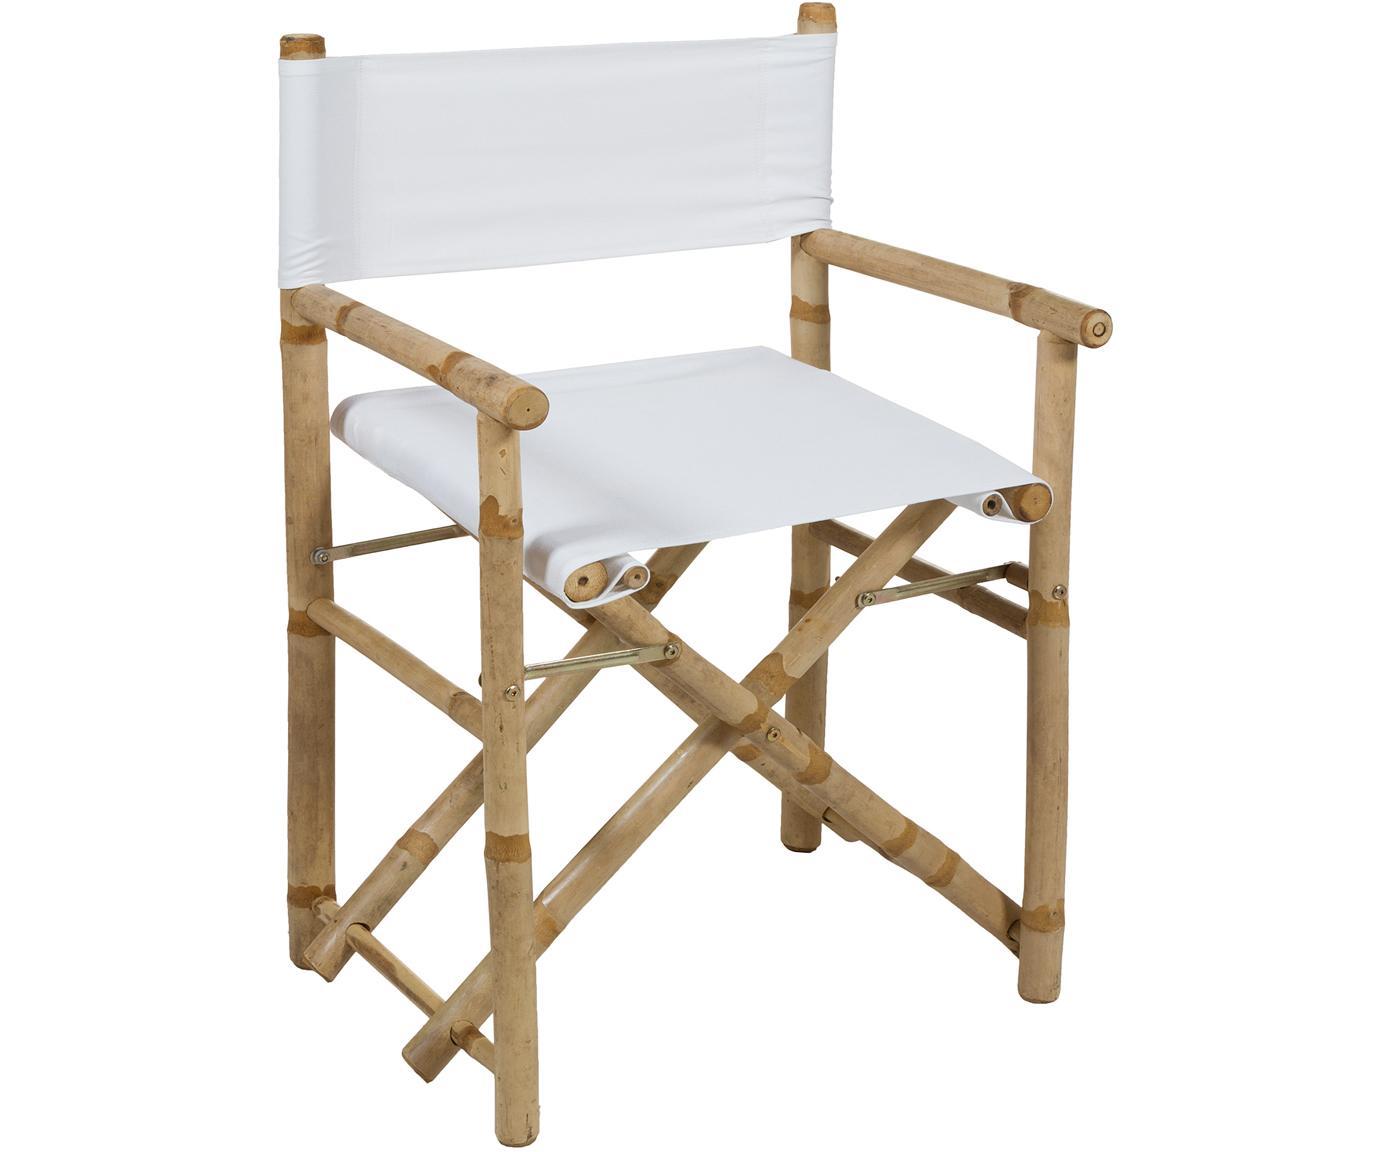 Składane krzesło reżysera z drewna bambusowego Limboo, Stelaż: drewno bambusowe, Drewno bambusowe, biały, S 58 x G 45 cm